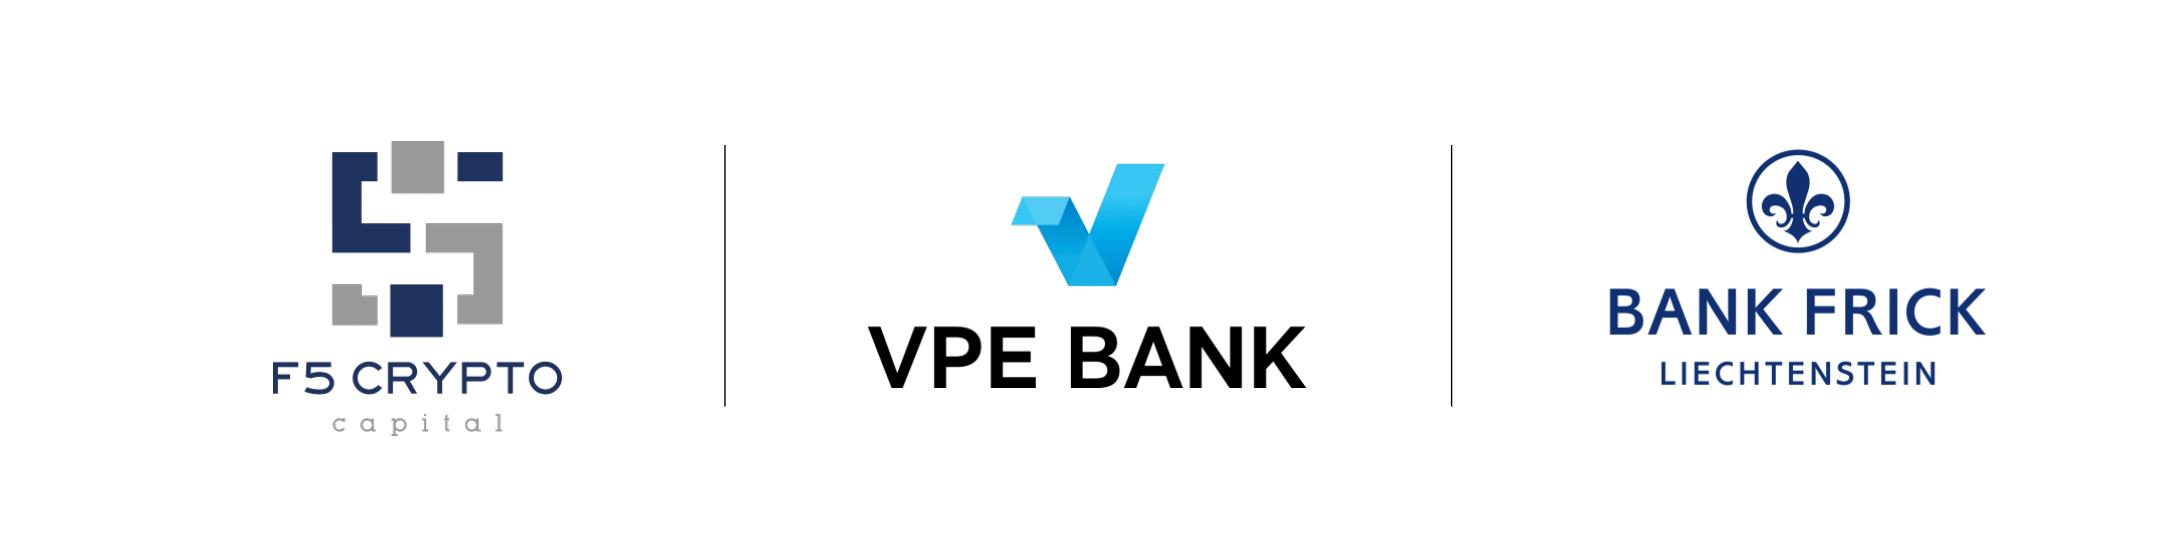 VPE Bank AG bietet professionellen Kunden ein Krypto-Index-Zertifikat an 0001